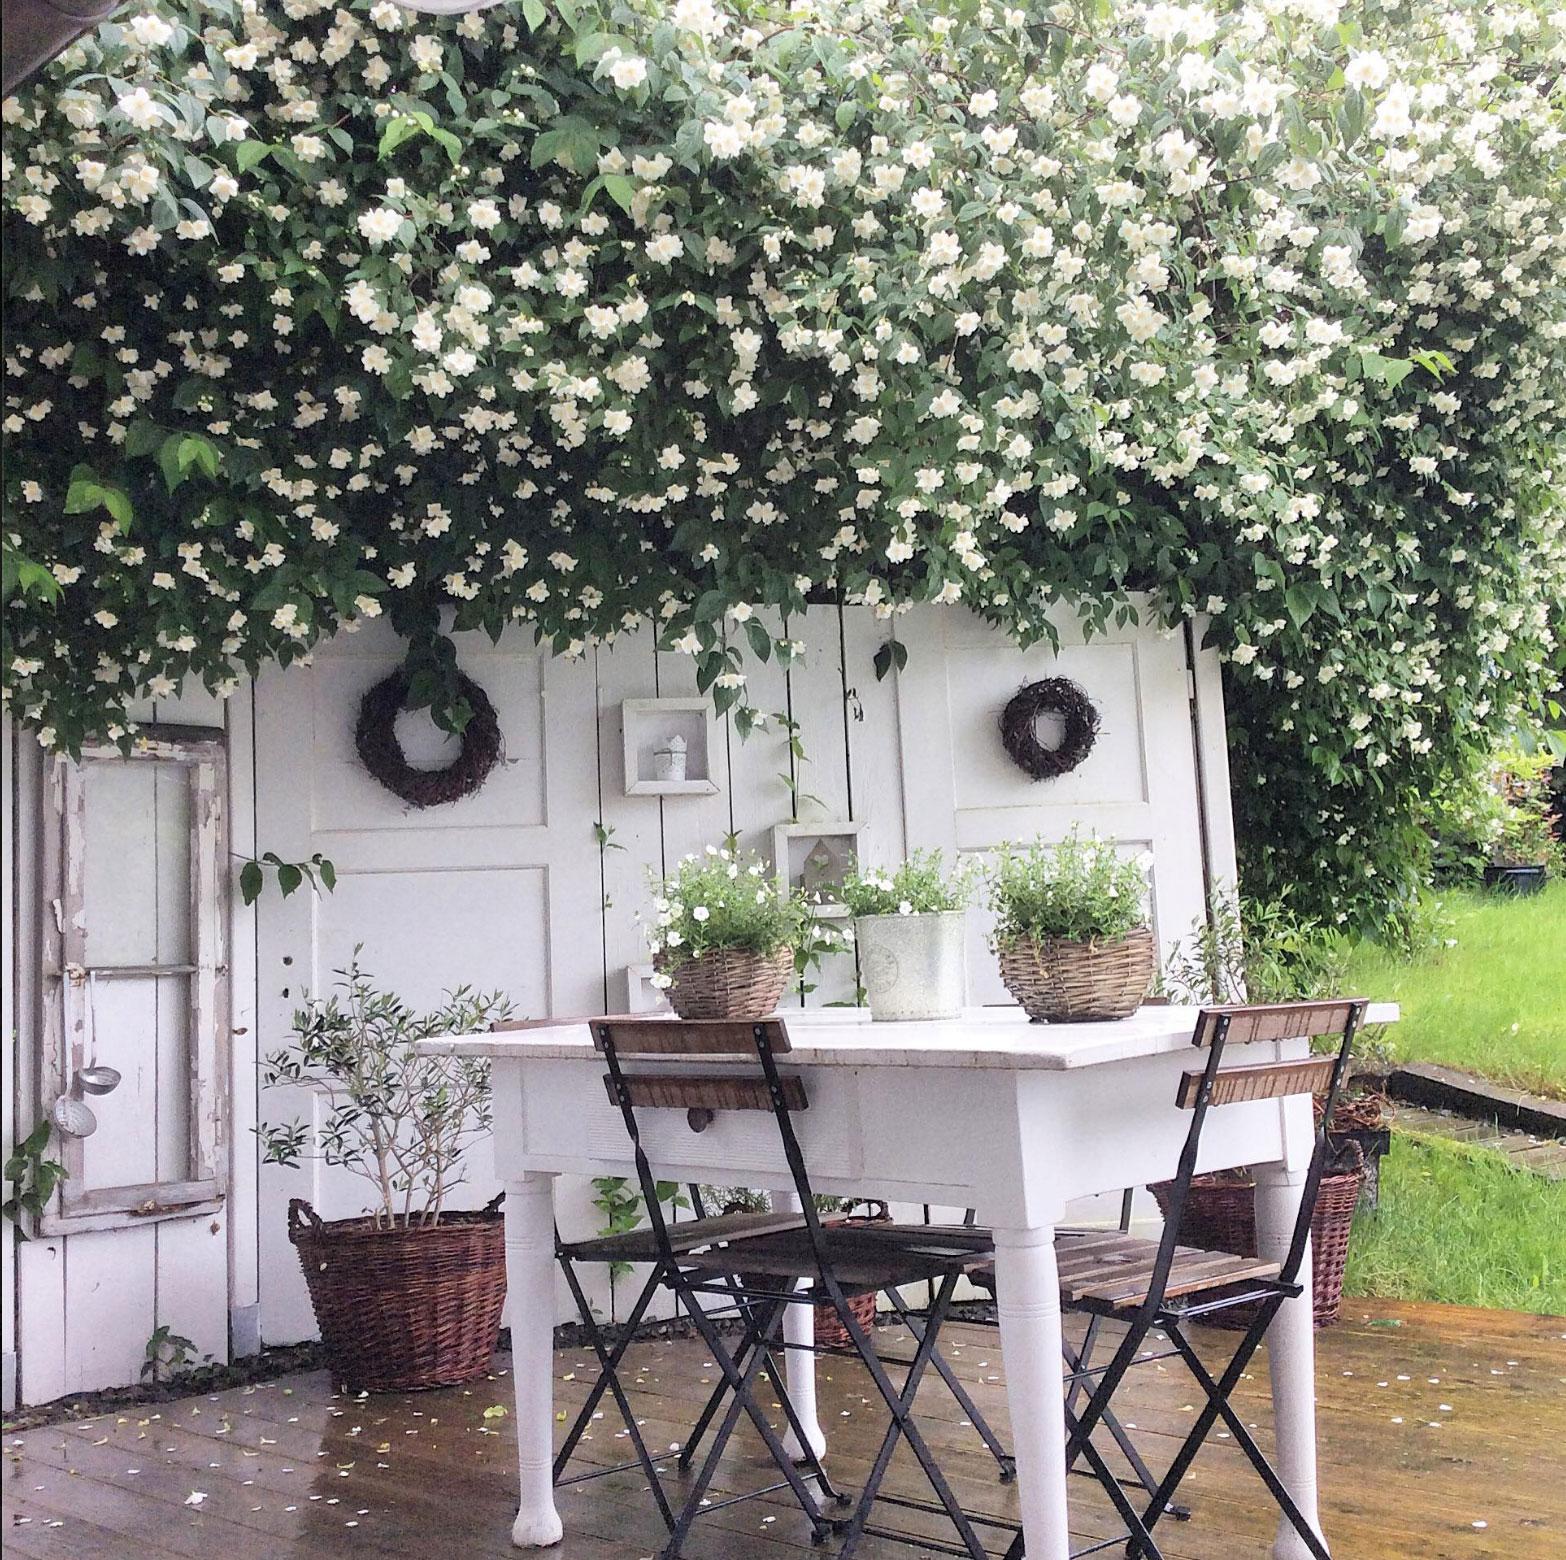 die schönsten ideen für die terrasse - wohnkonfetti